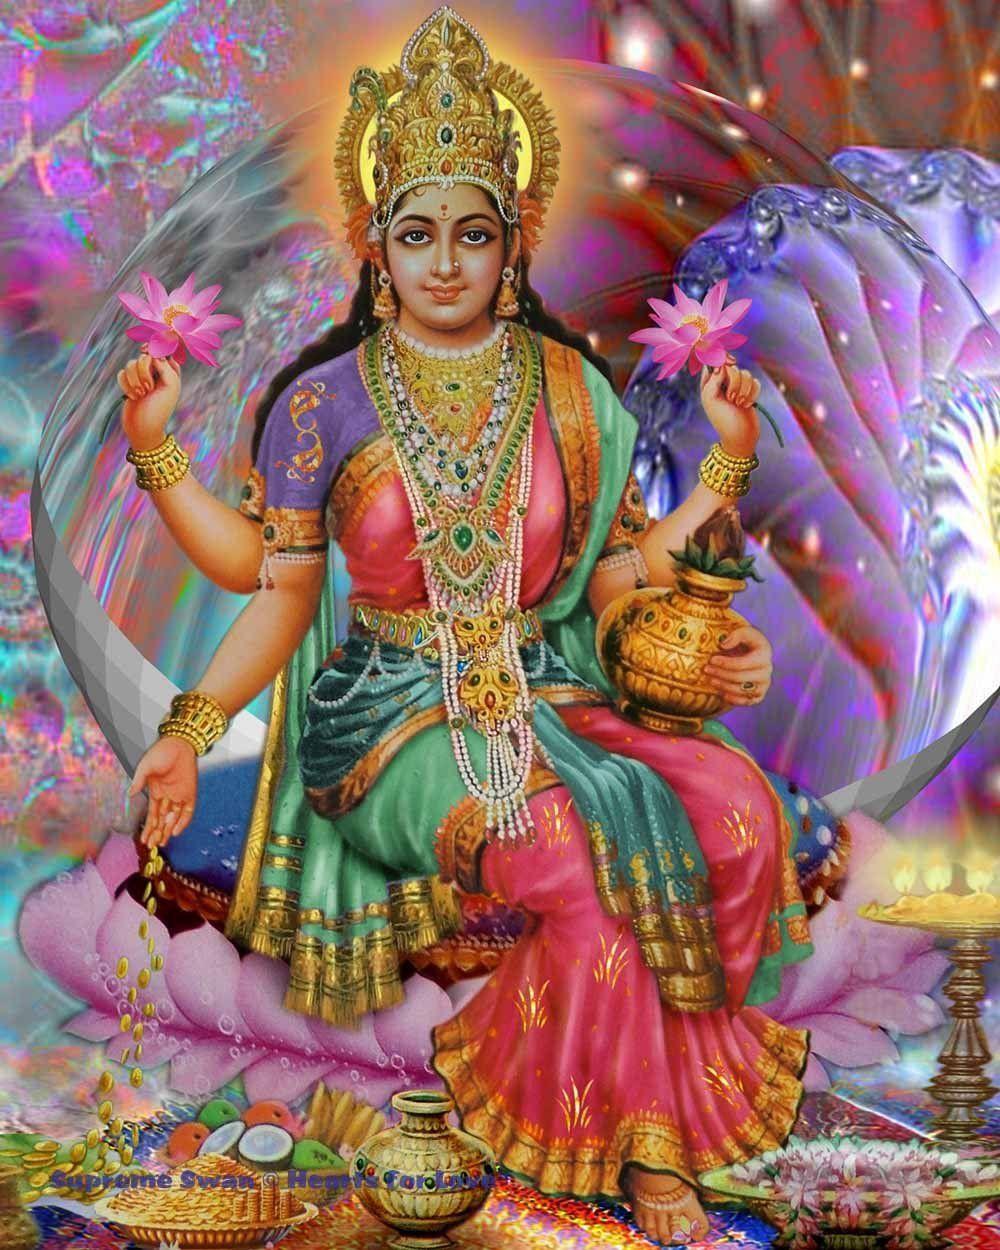 Hindu Poster Art: A Beautiful Art Print Of Lakshmi, Goddess Of Prosperity